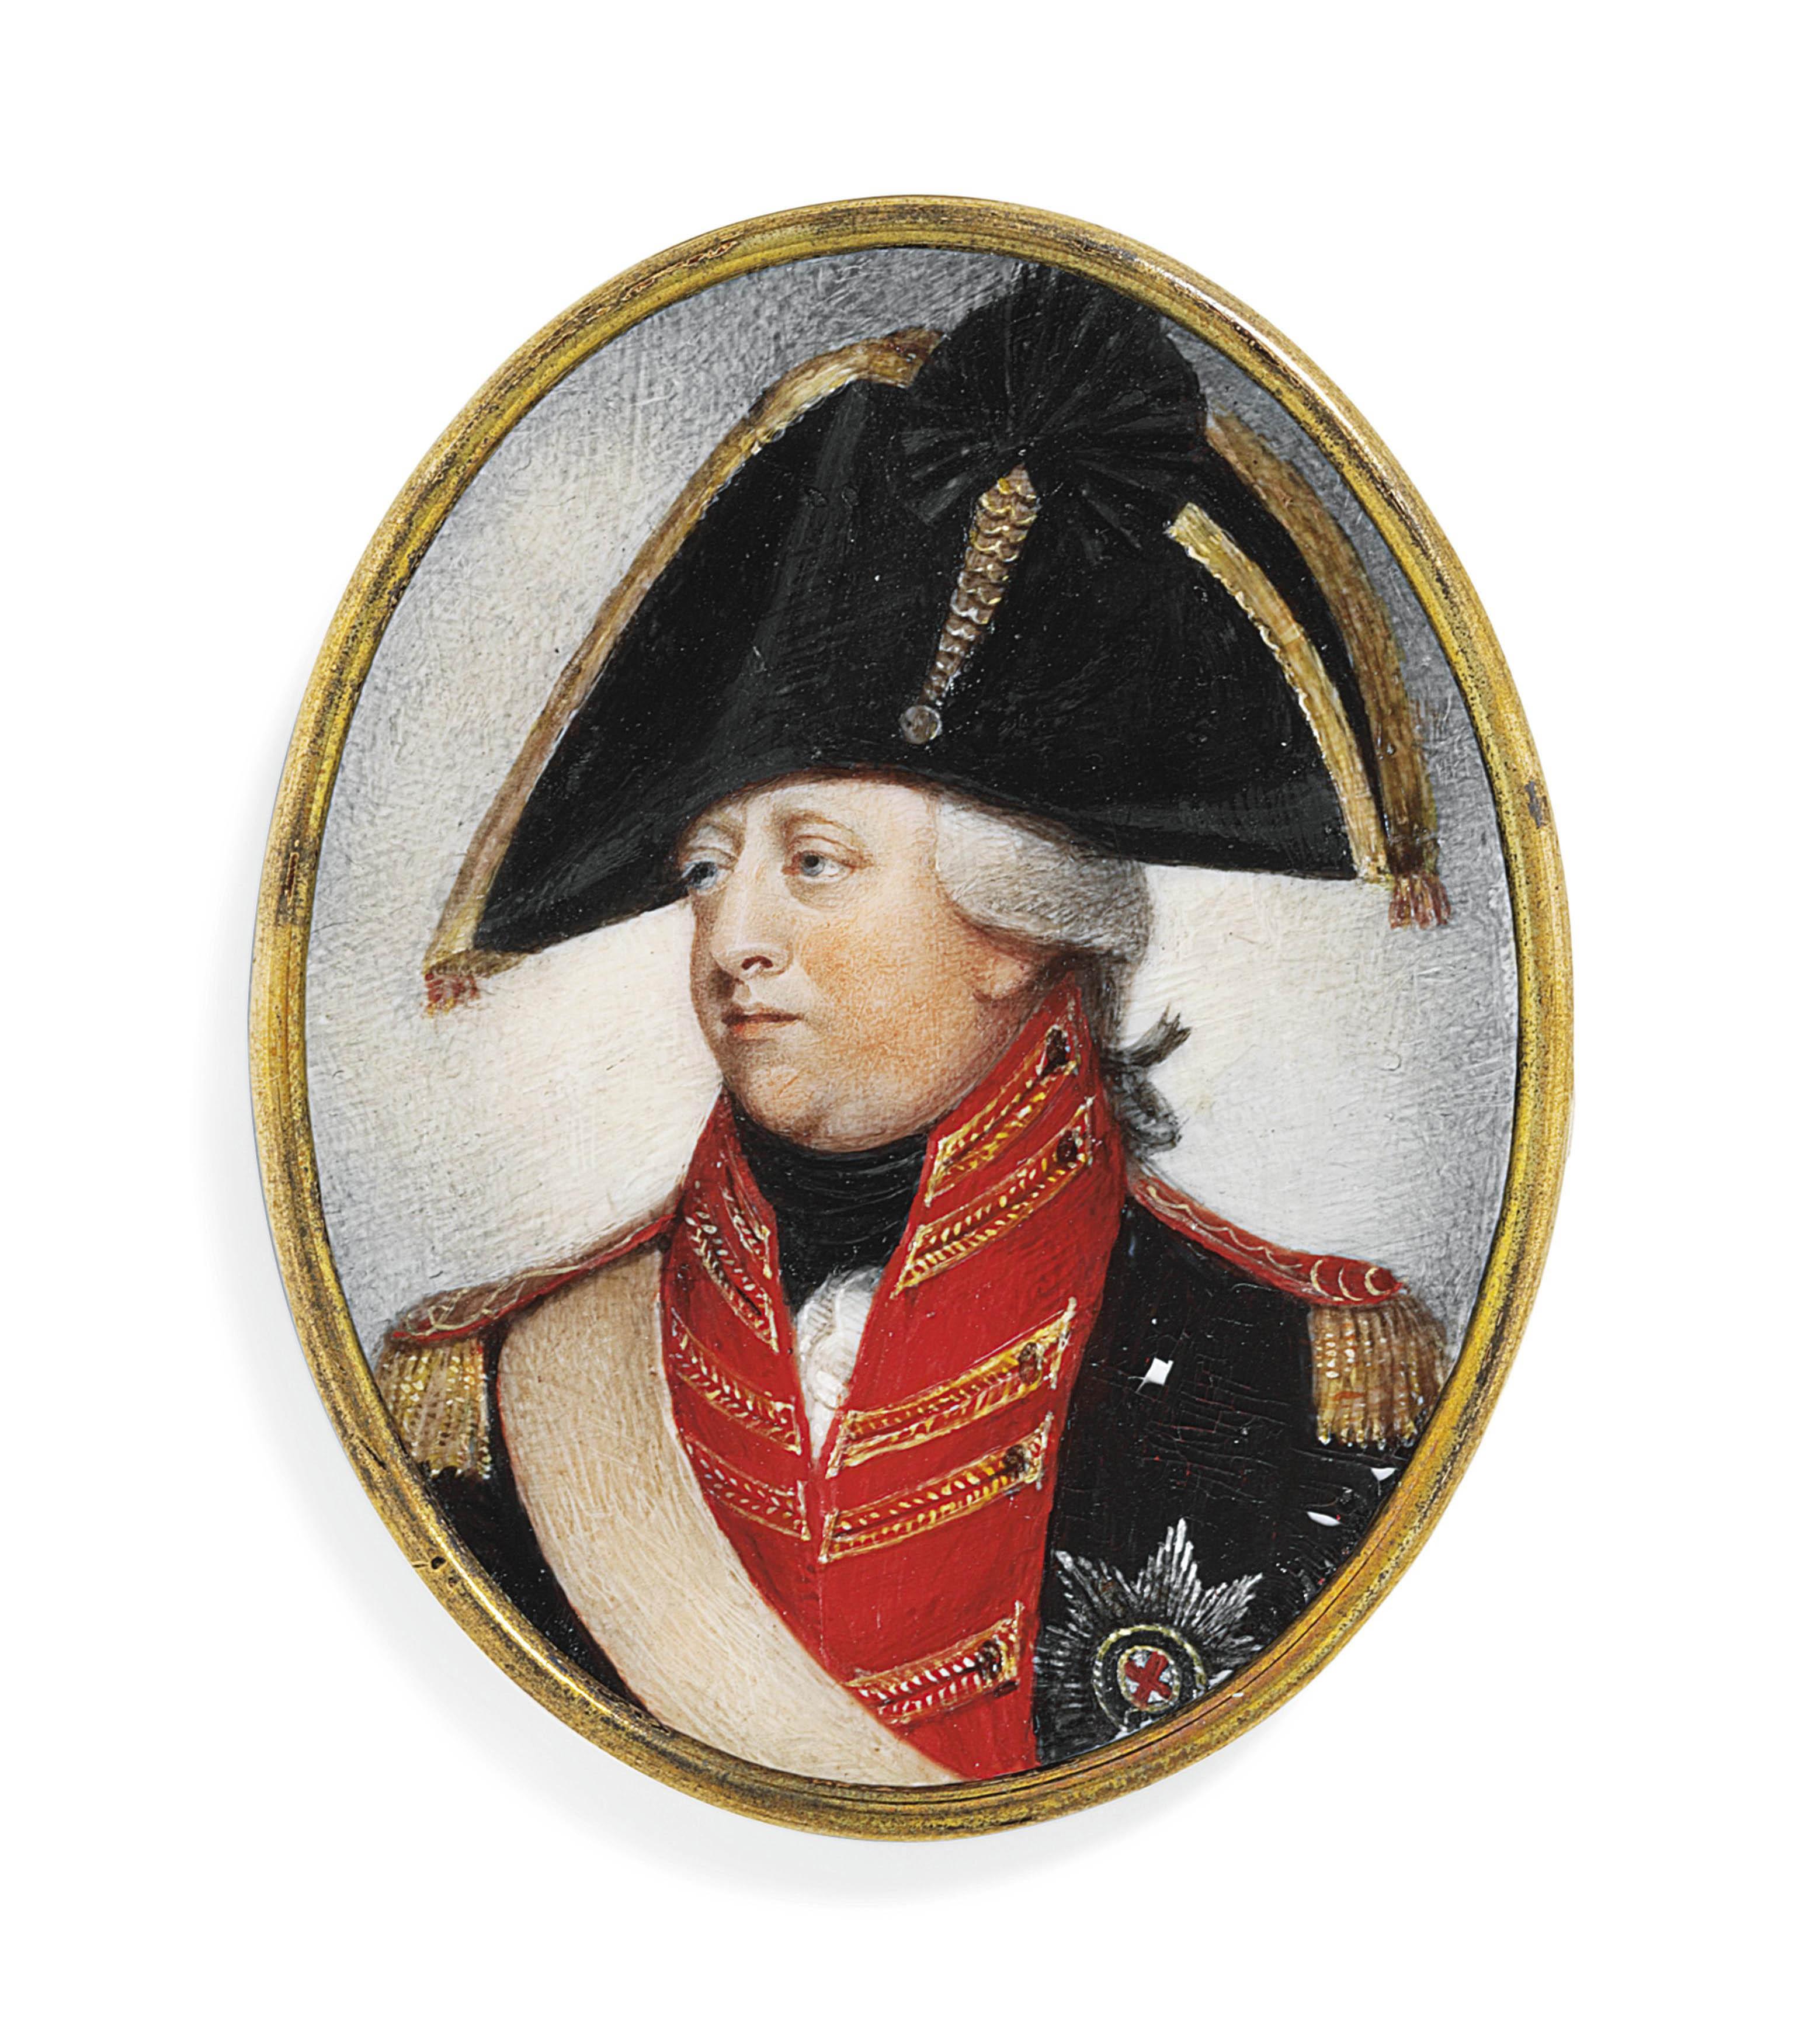 RICHARD COLLINS (BRITISH, 1755-1831)